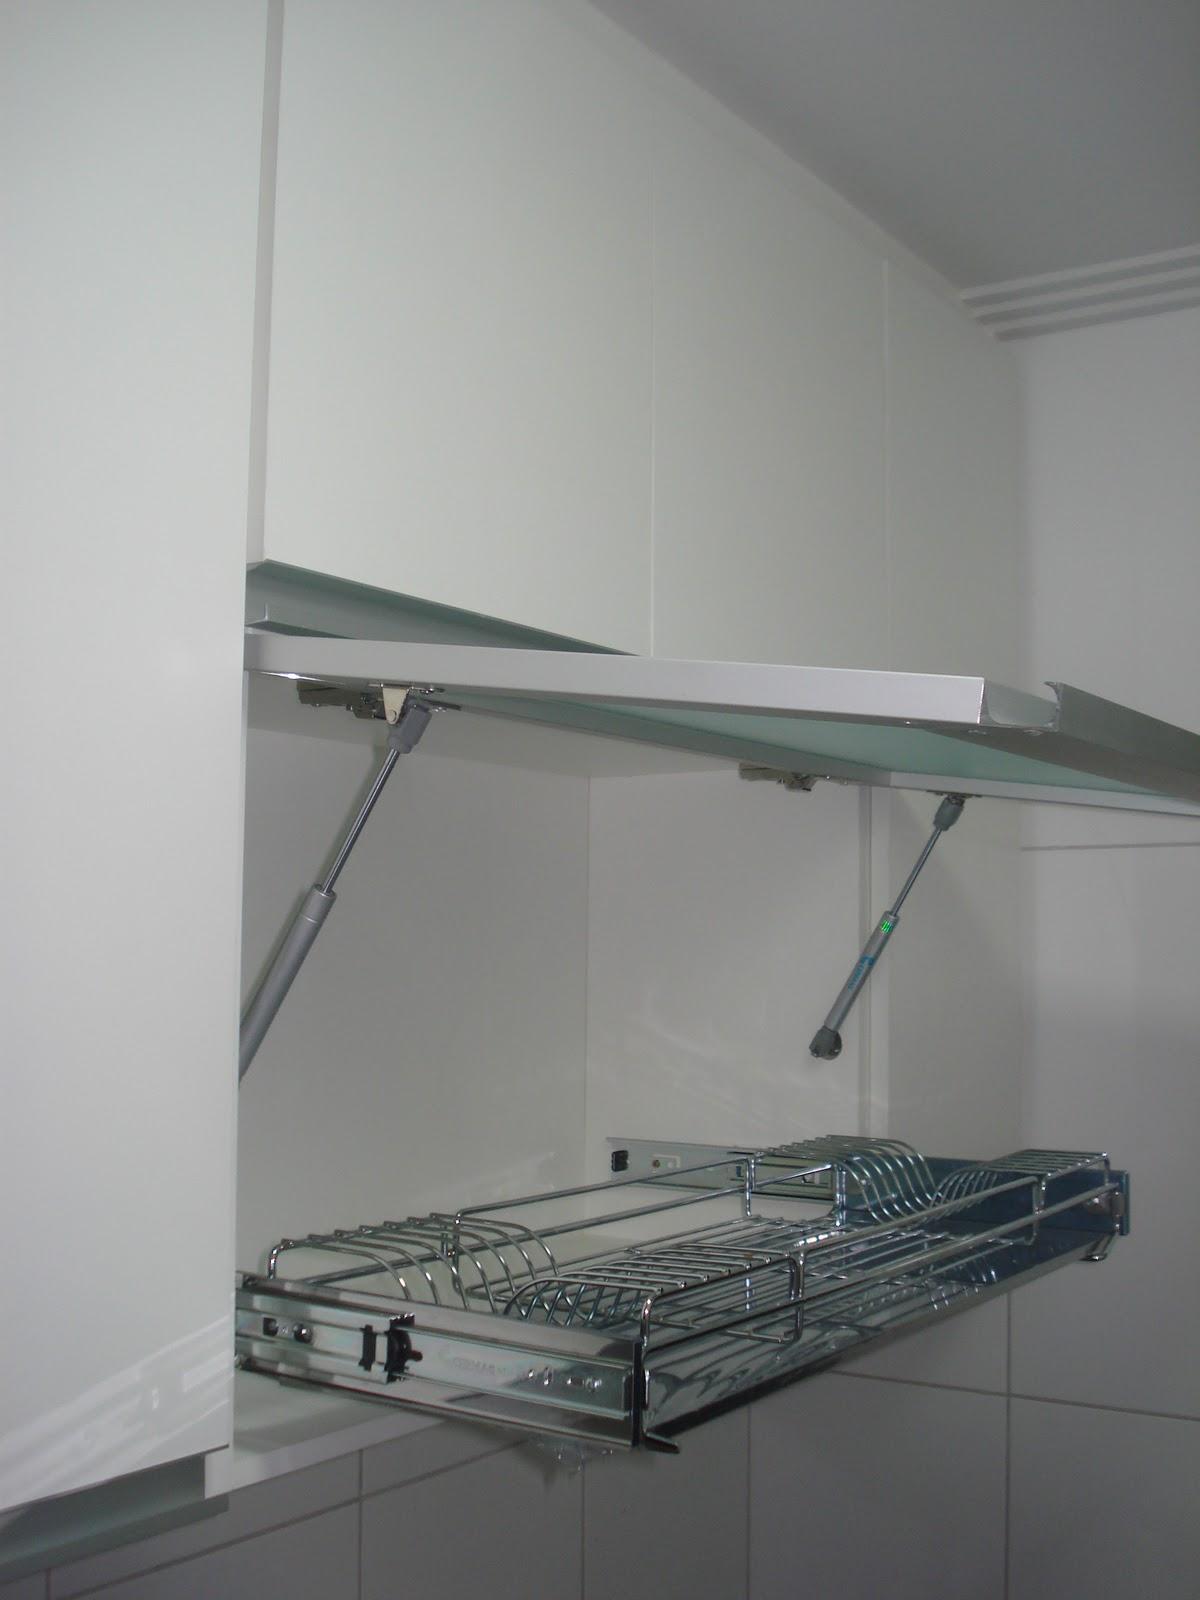 AMBIENTE IDEAL: Mudanças no projeto da cozinha e novas ideias. #515A59 1200 1600